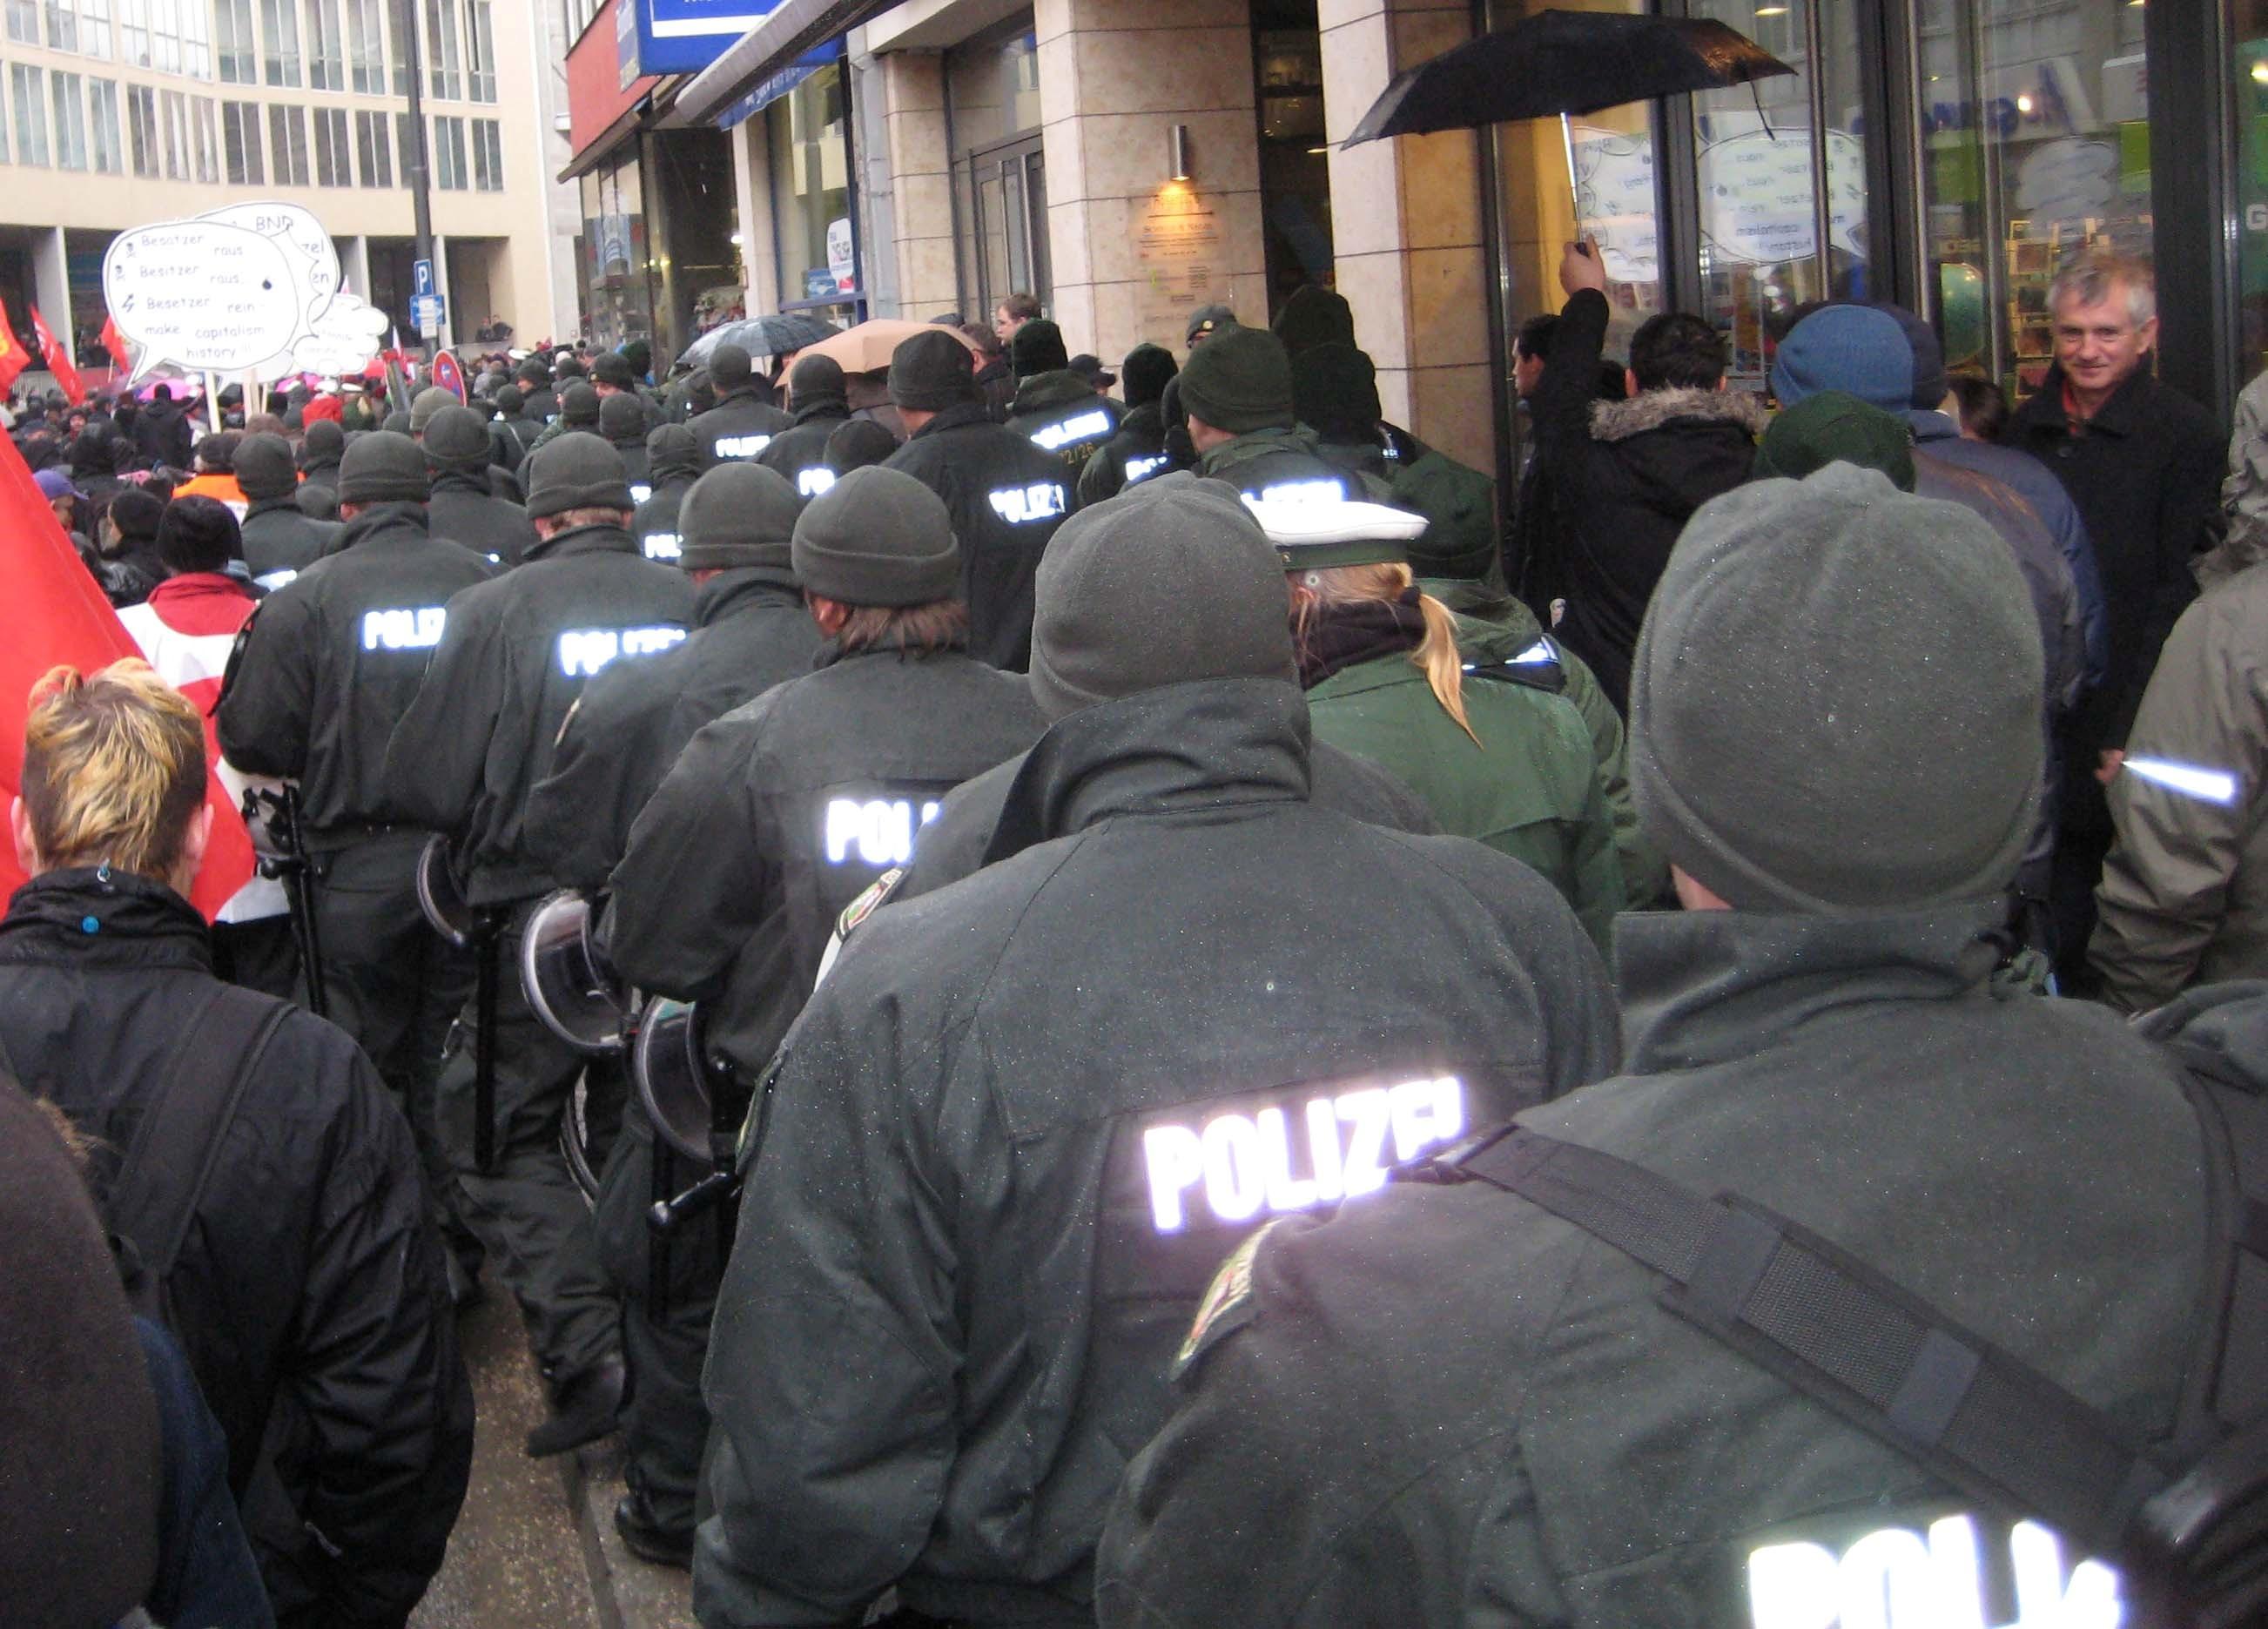 Polizei auf langem Marsch